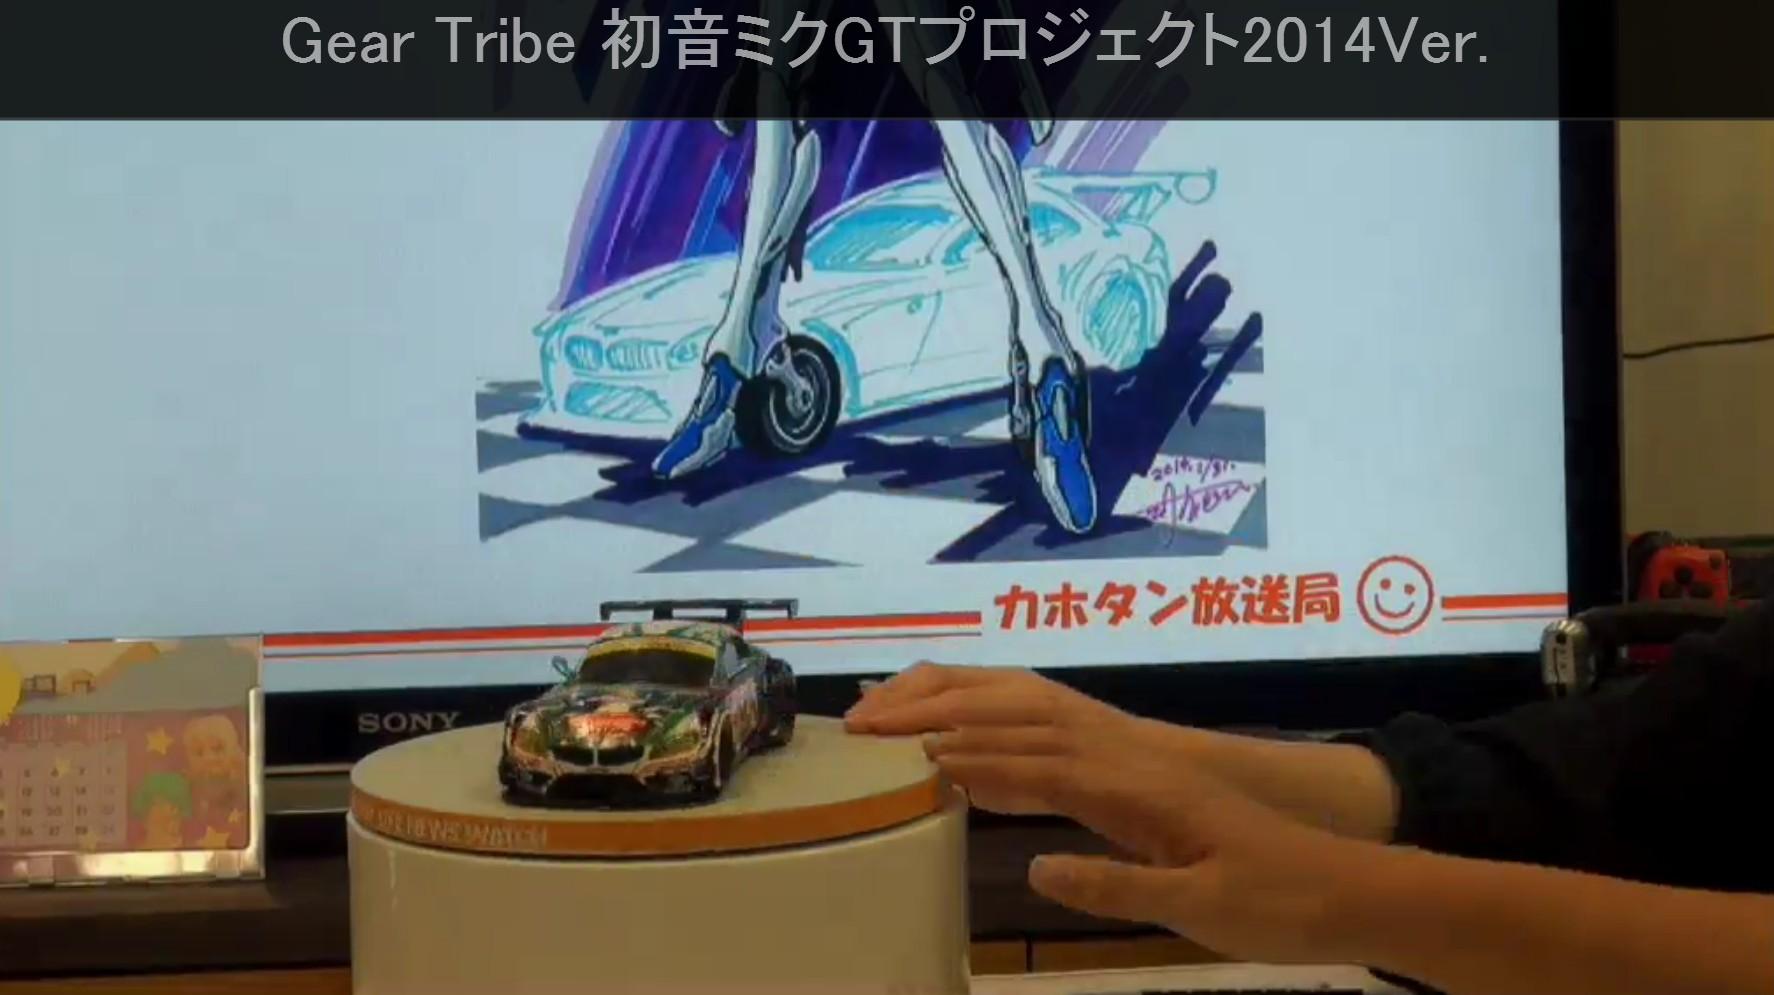 Gear Tribe 初音ミクGTプロジェクト2014Ver (1)